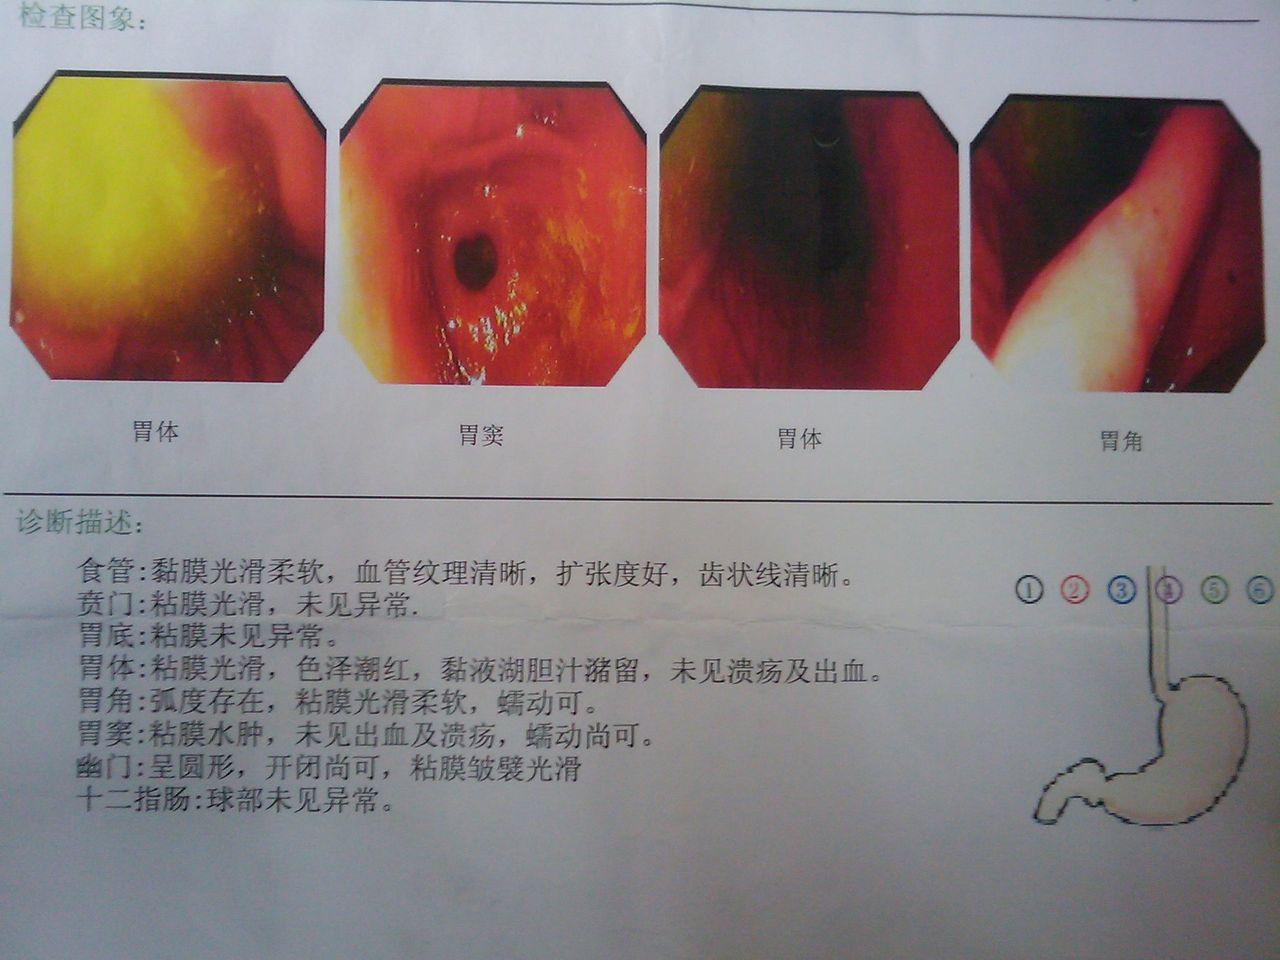 胃镜详细结构图